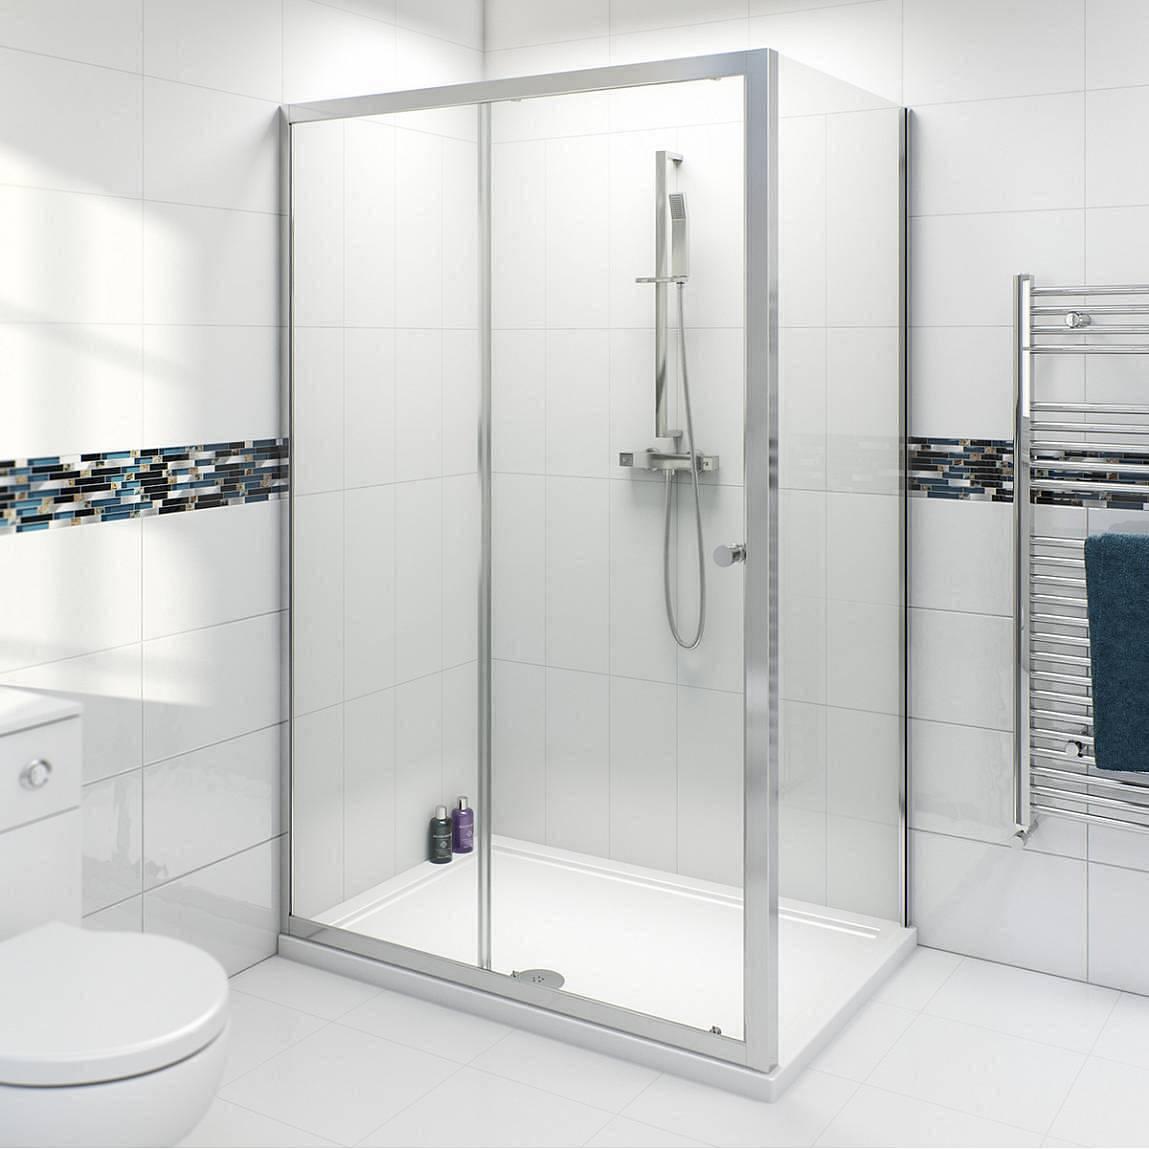 Image of V4 Sliding Shower Enclosure 1200 x 800